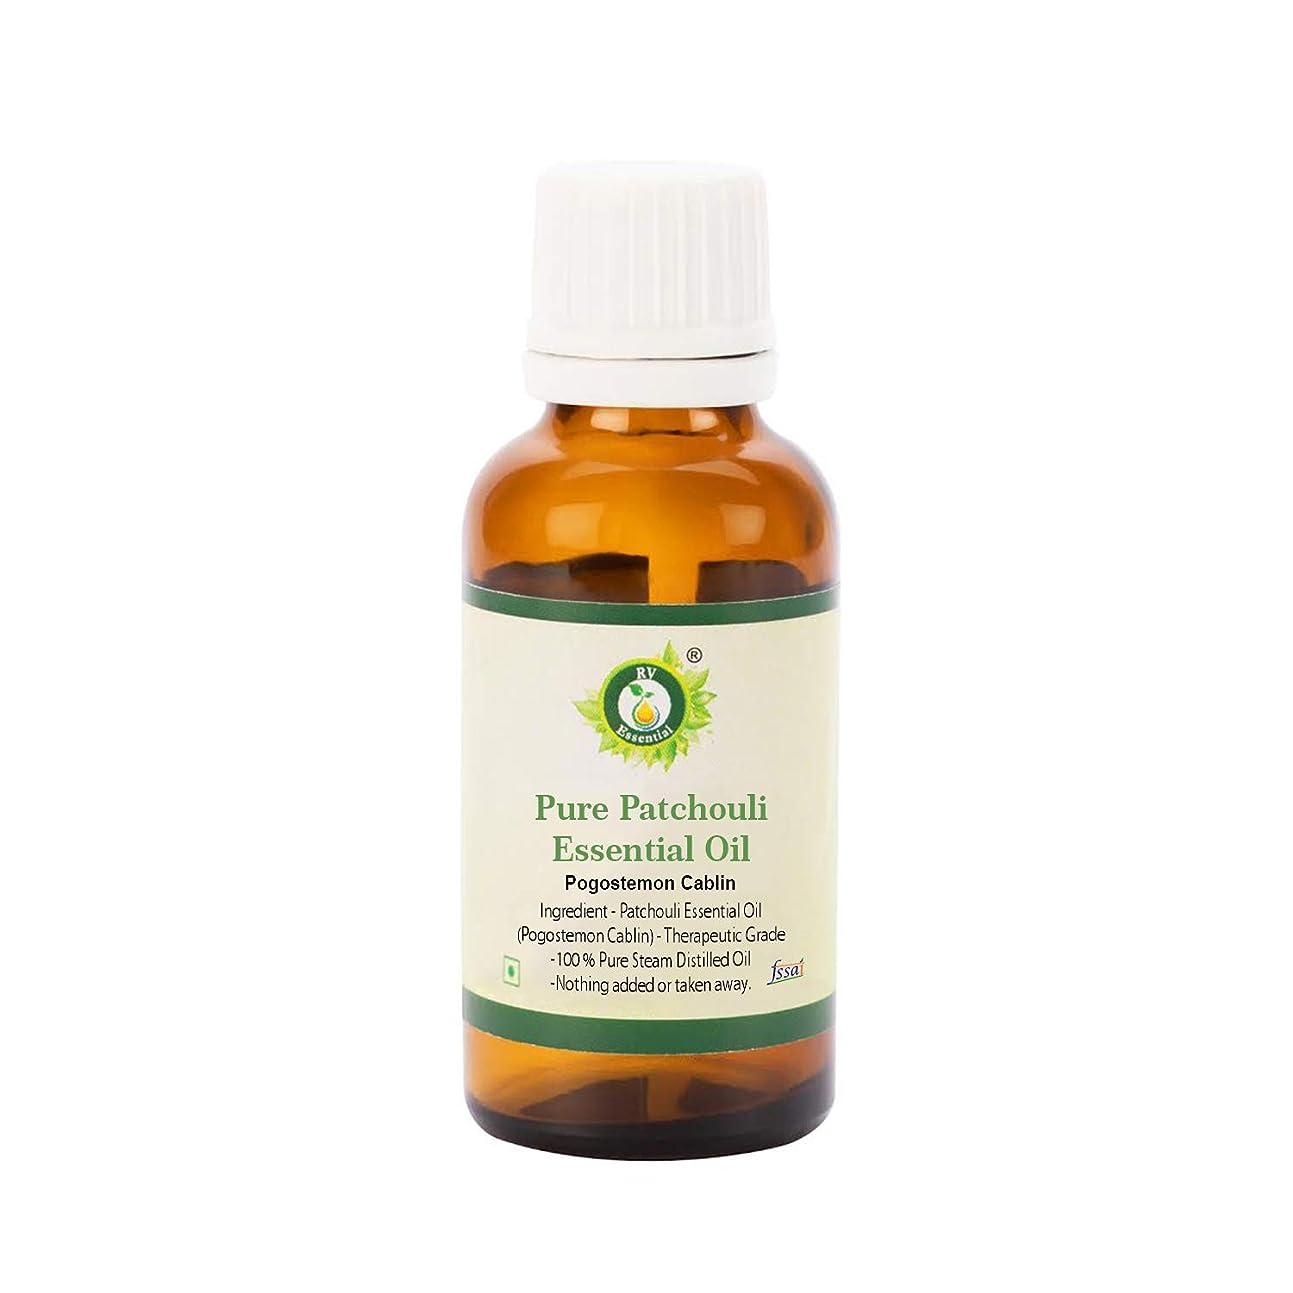 プレミア努力不健康R V Essential ピュアパチュリーエッセンシャルオイル30ml (1.01oz)- Pogostemon Cablin (100%純粋&天然スチームDistilled) Pure Patchouli Essential Oil